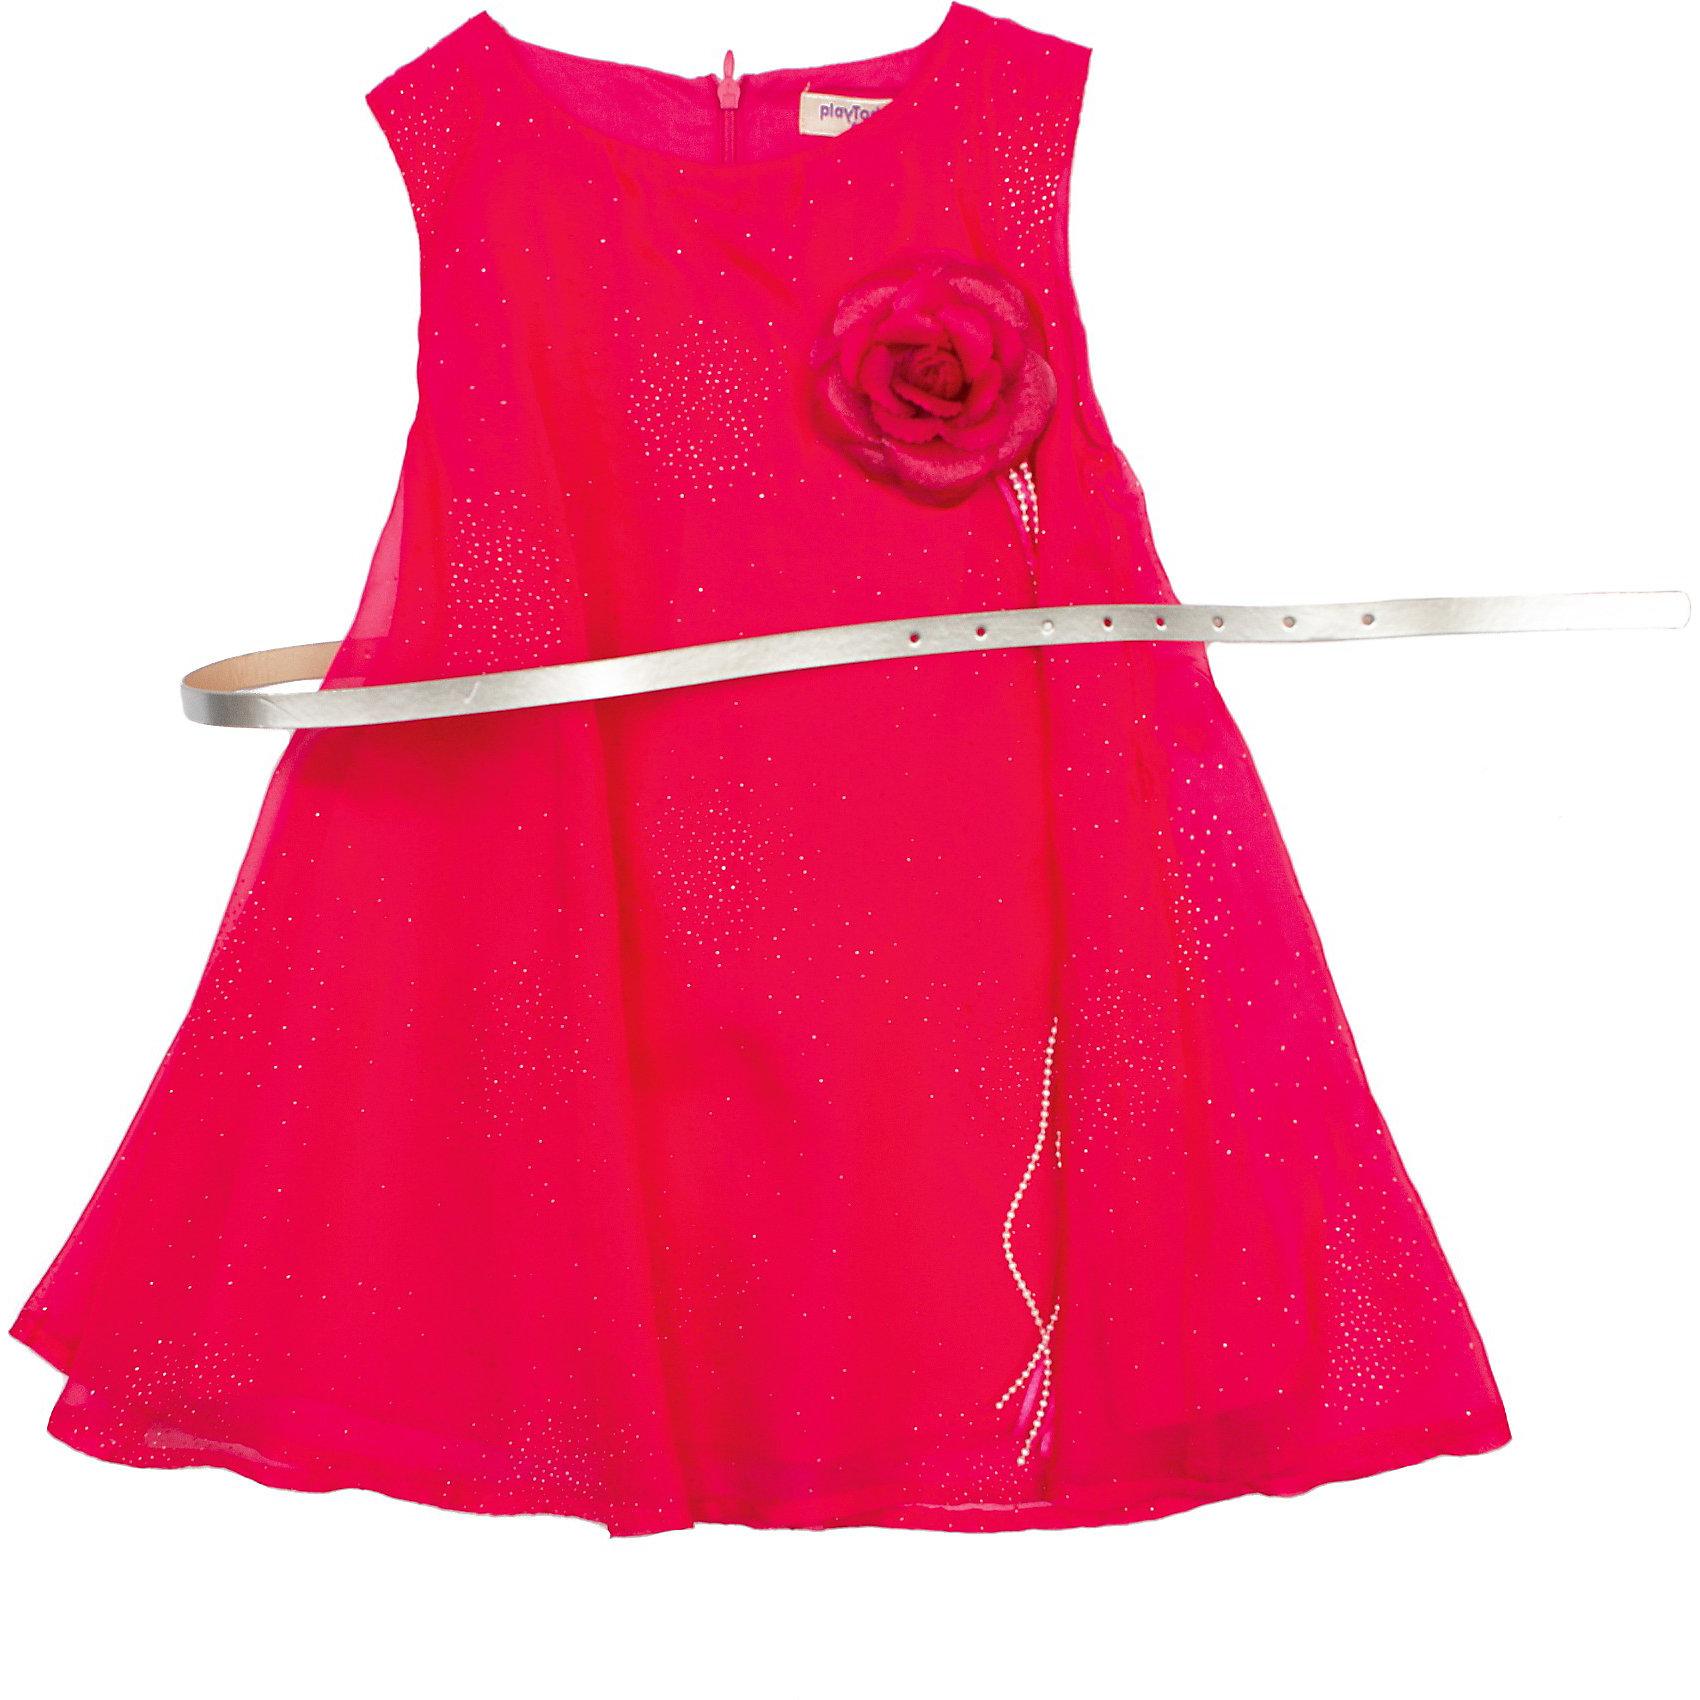 Нарядное платье PlayTodayПлатье PlayToday. <br>Состав: верх: 100% полиэстер, подкладка: 100% хлопок <br><br>*элегантное платье из шифона <br>*силуэт - трапеция <br>*застежка - потайная молния  <br>*декорировано серебритсым напылением в виде брызг <br>*в комплекте декоративная съемная брошь - цветок <br>*в комплекте пояс цвета металлик<br><br>Ширина мм: 236<br>Глубина мм: 16<br>Высота мм: 184<br>Вес г: 177<br>Цвет: розовый<br>Возраст от месяцев: 36<br>Возраст до месяцев: 48<br>Пол: Женский<br>Возраст: Детский<br>Размер: 104,98,116,122,110,128<br>SKU: 3892894